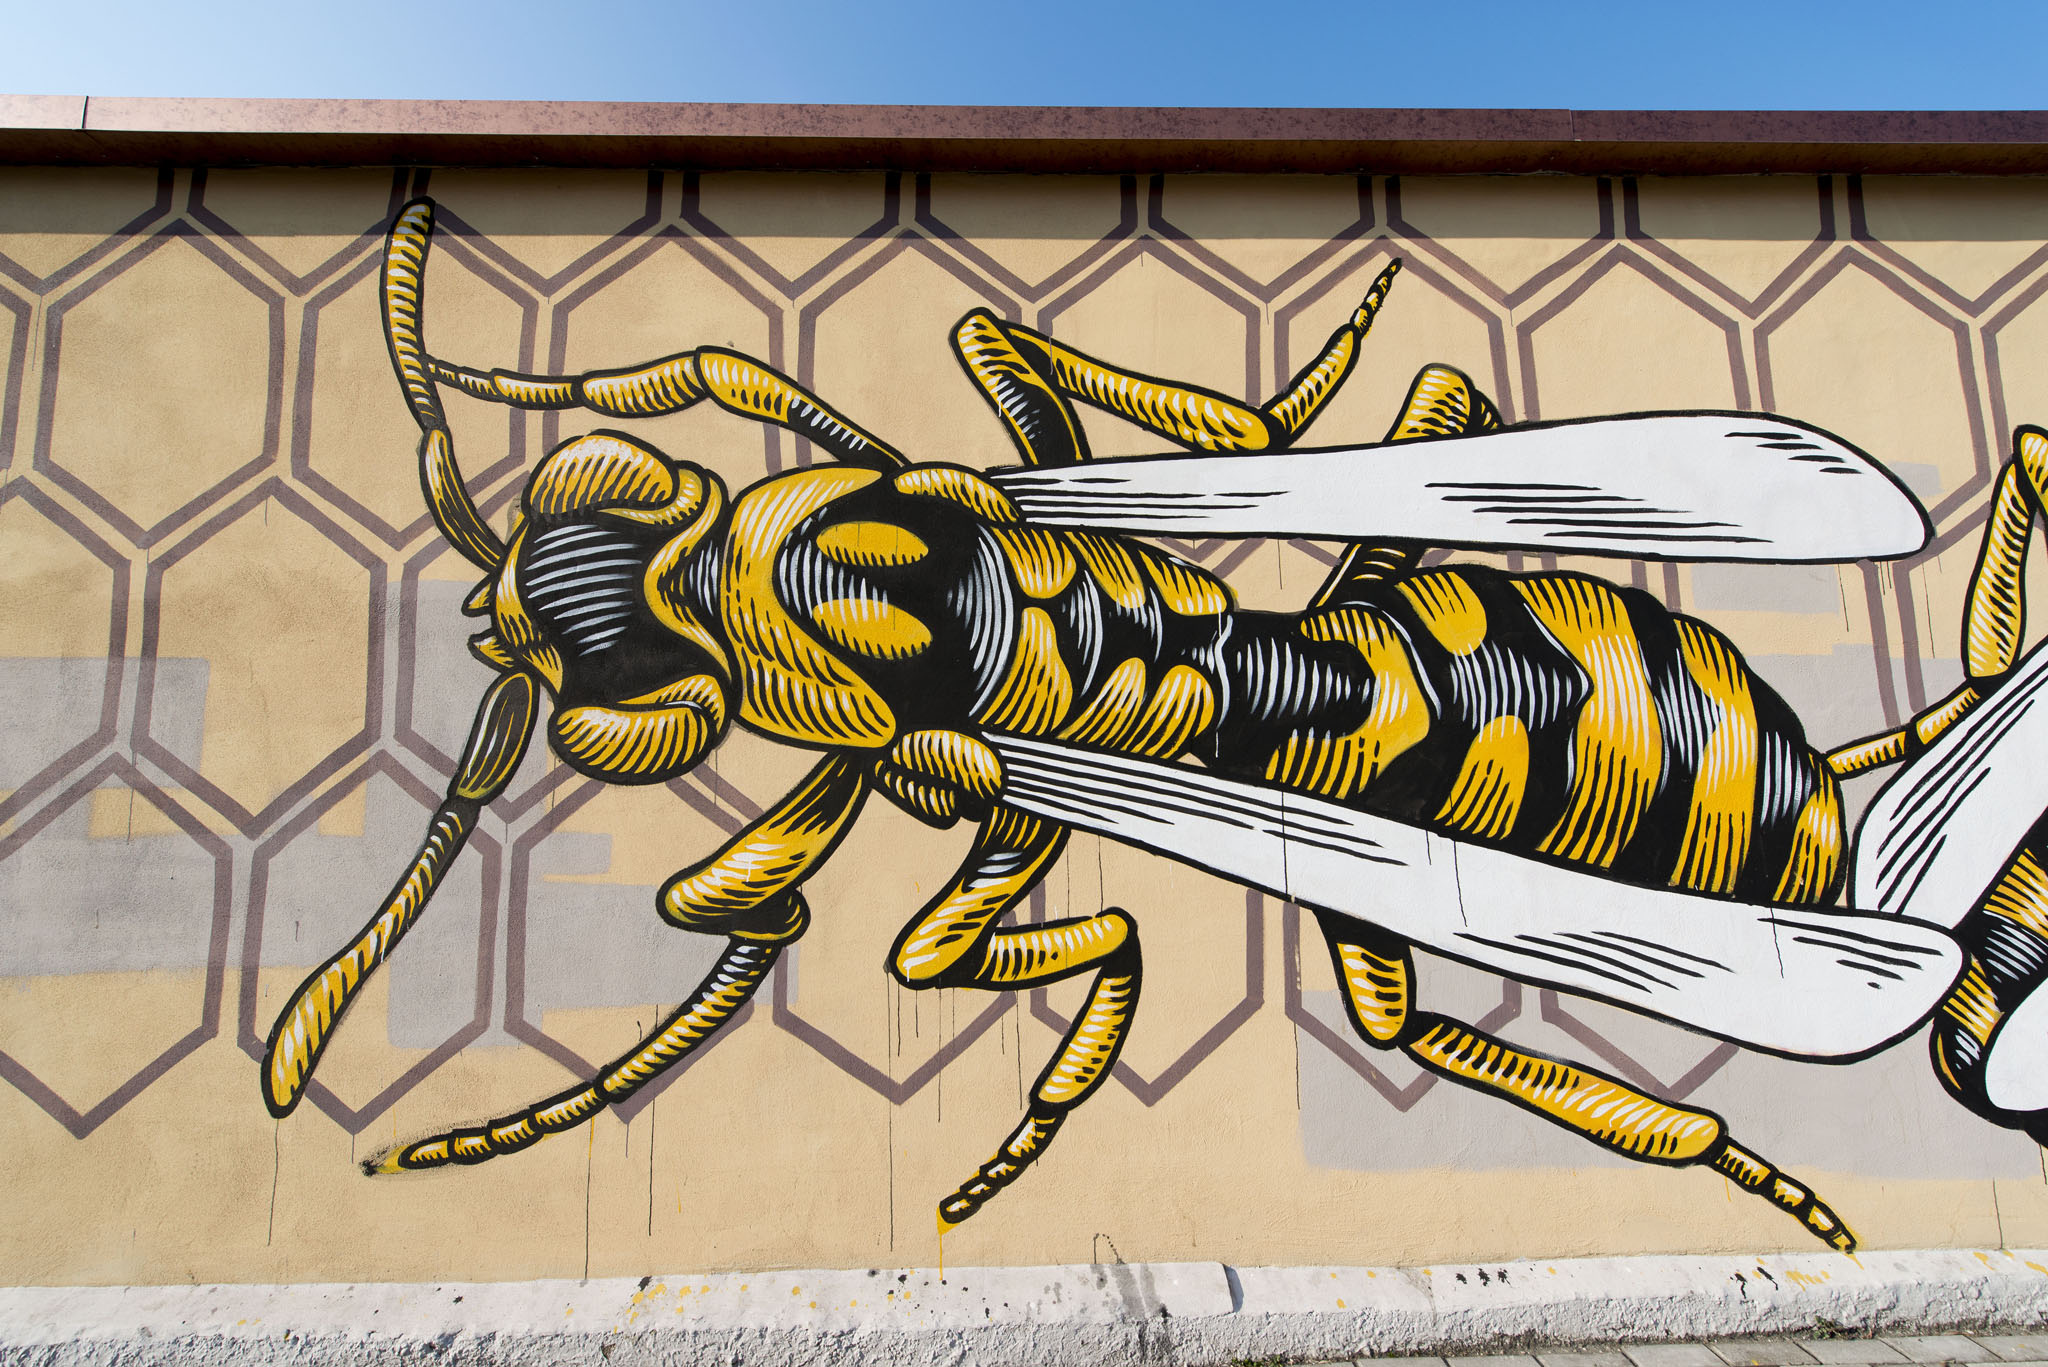 Streetart roma la guida che mancava. tutti i murales in una app